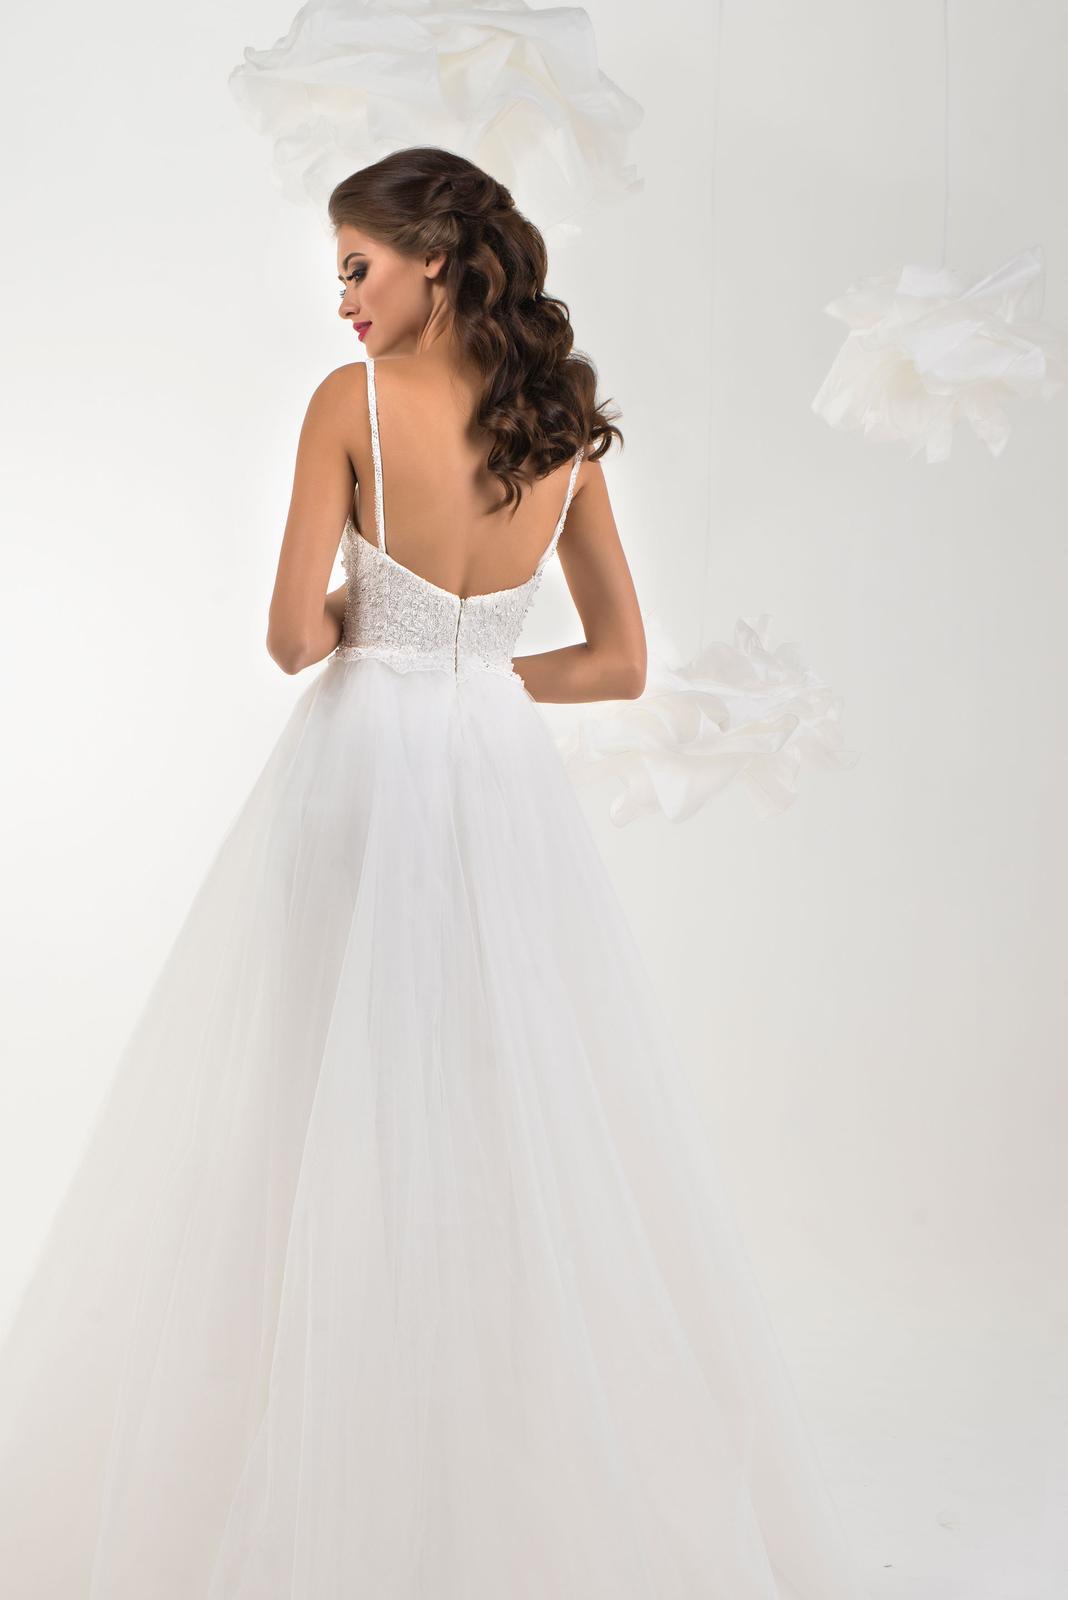 570efc8b34d6 Svadobné šaty s tylovou sukňou s tenkými ramienkam